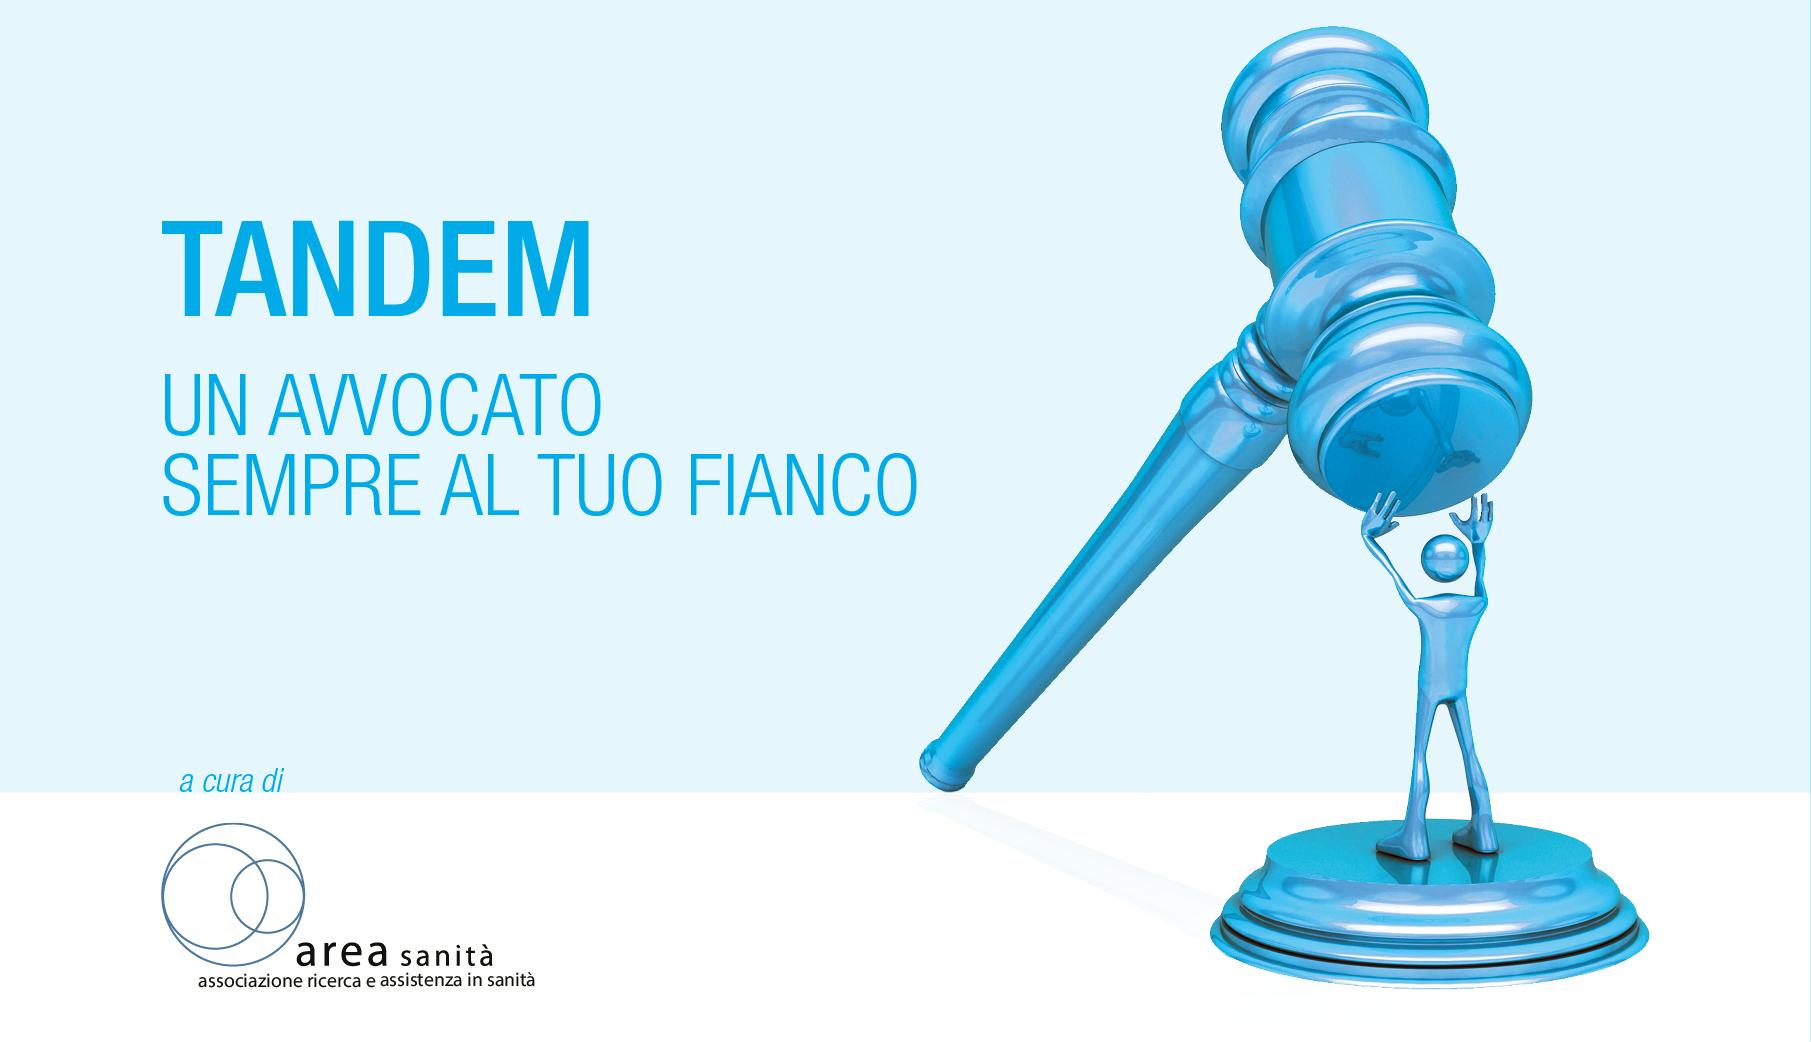 Tandem è il servizio di assistenza legale medici offerto da Cassa Galeno ai propri soci